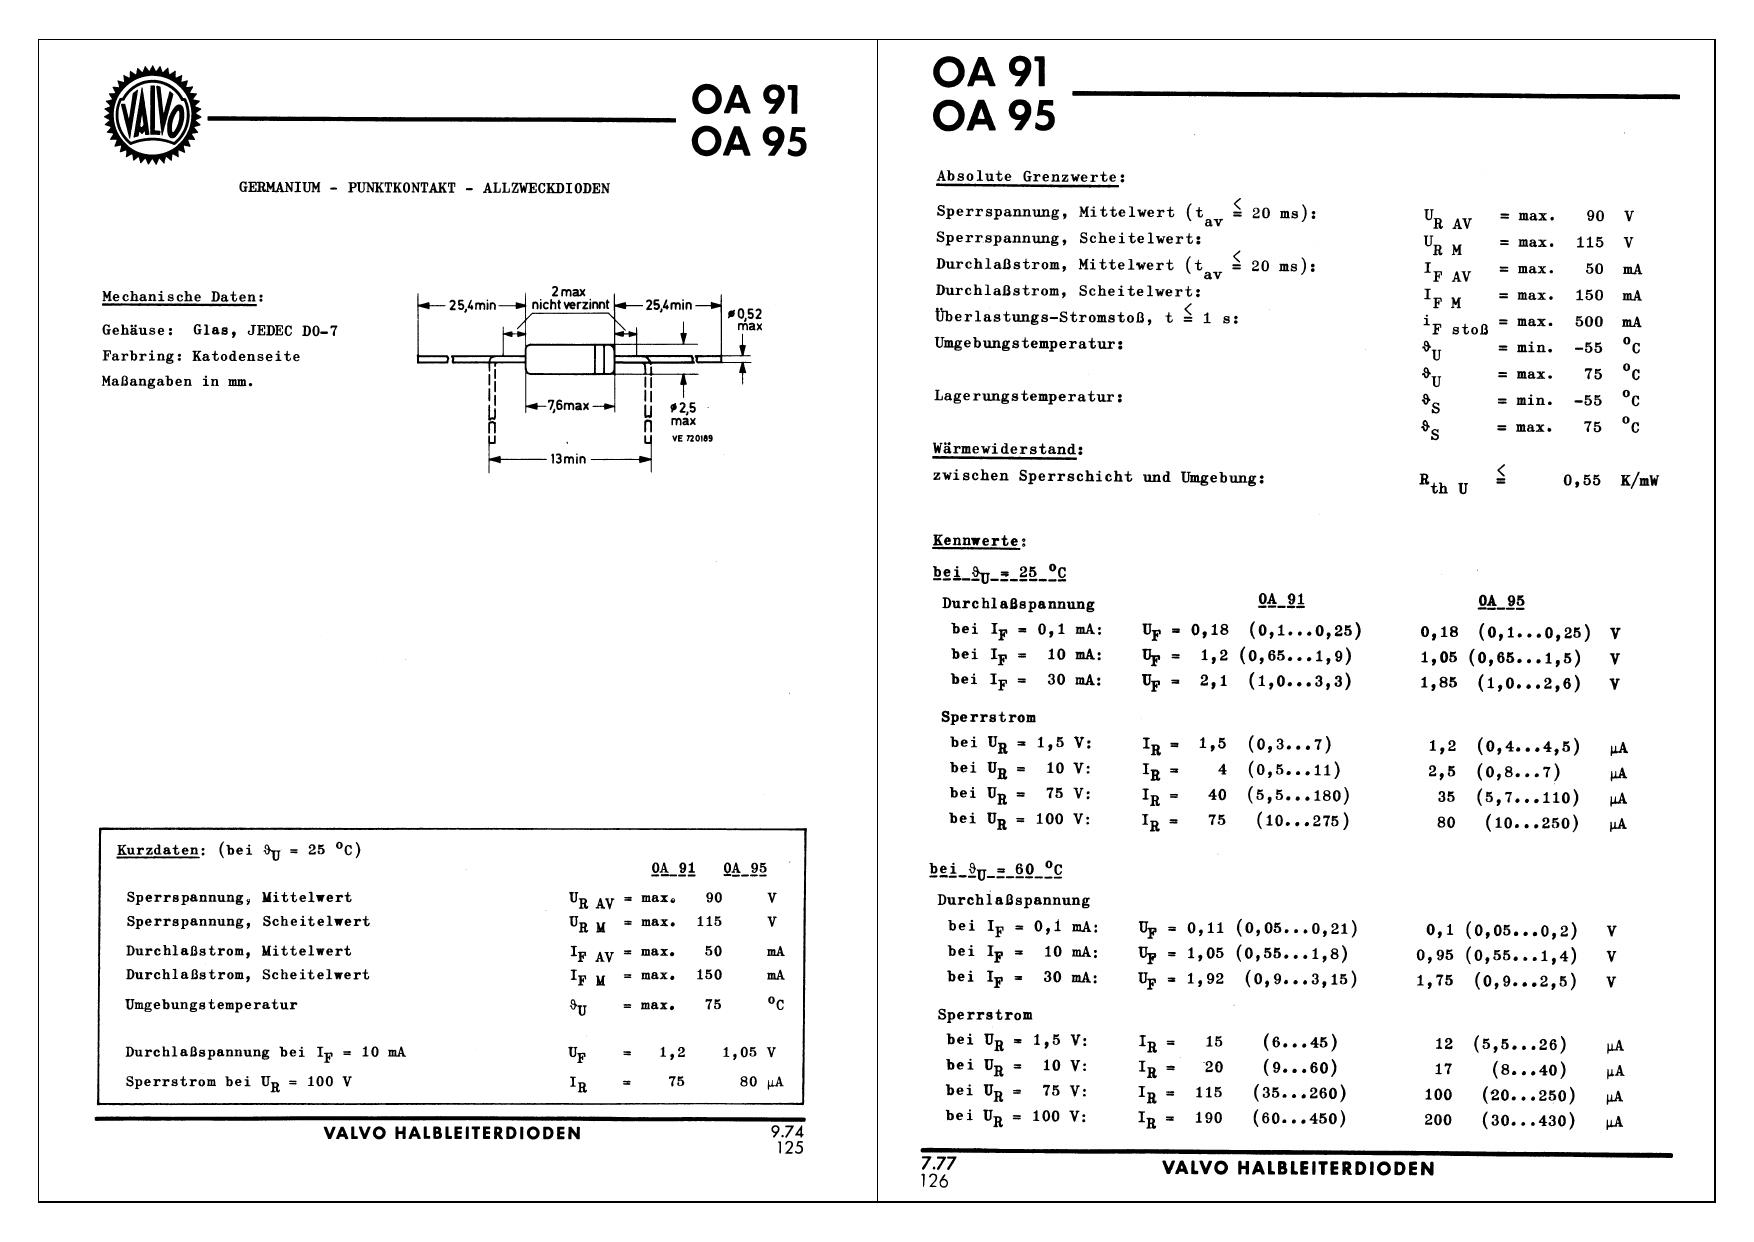 OA95 datasheet